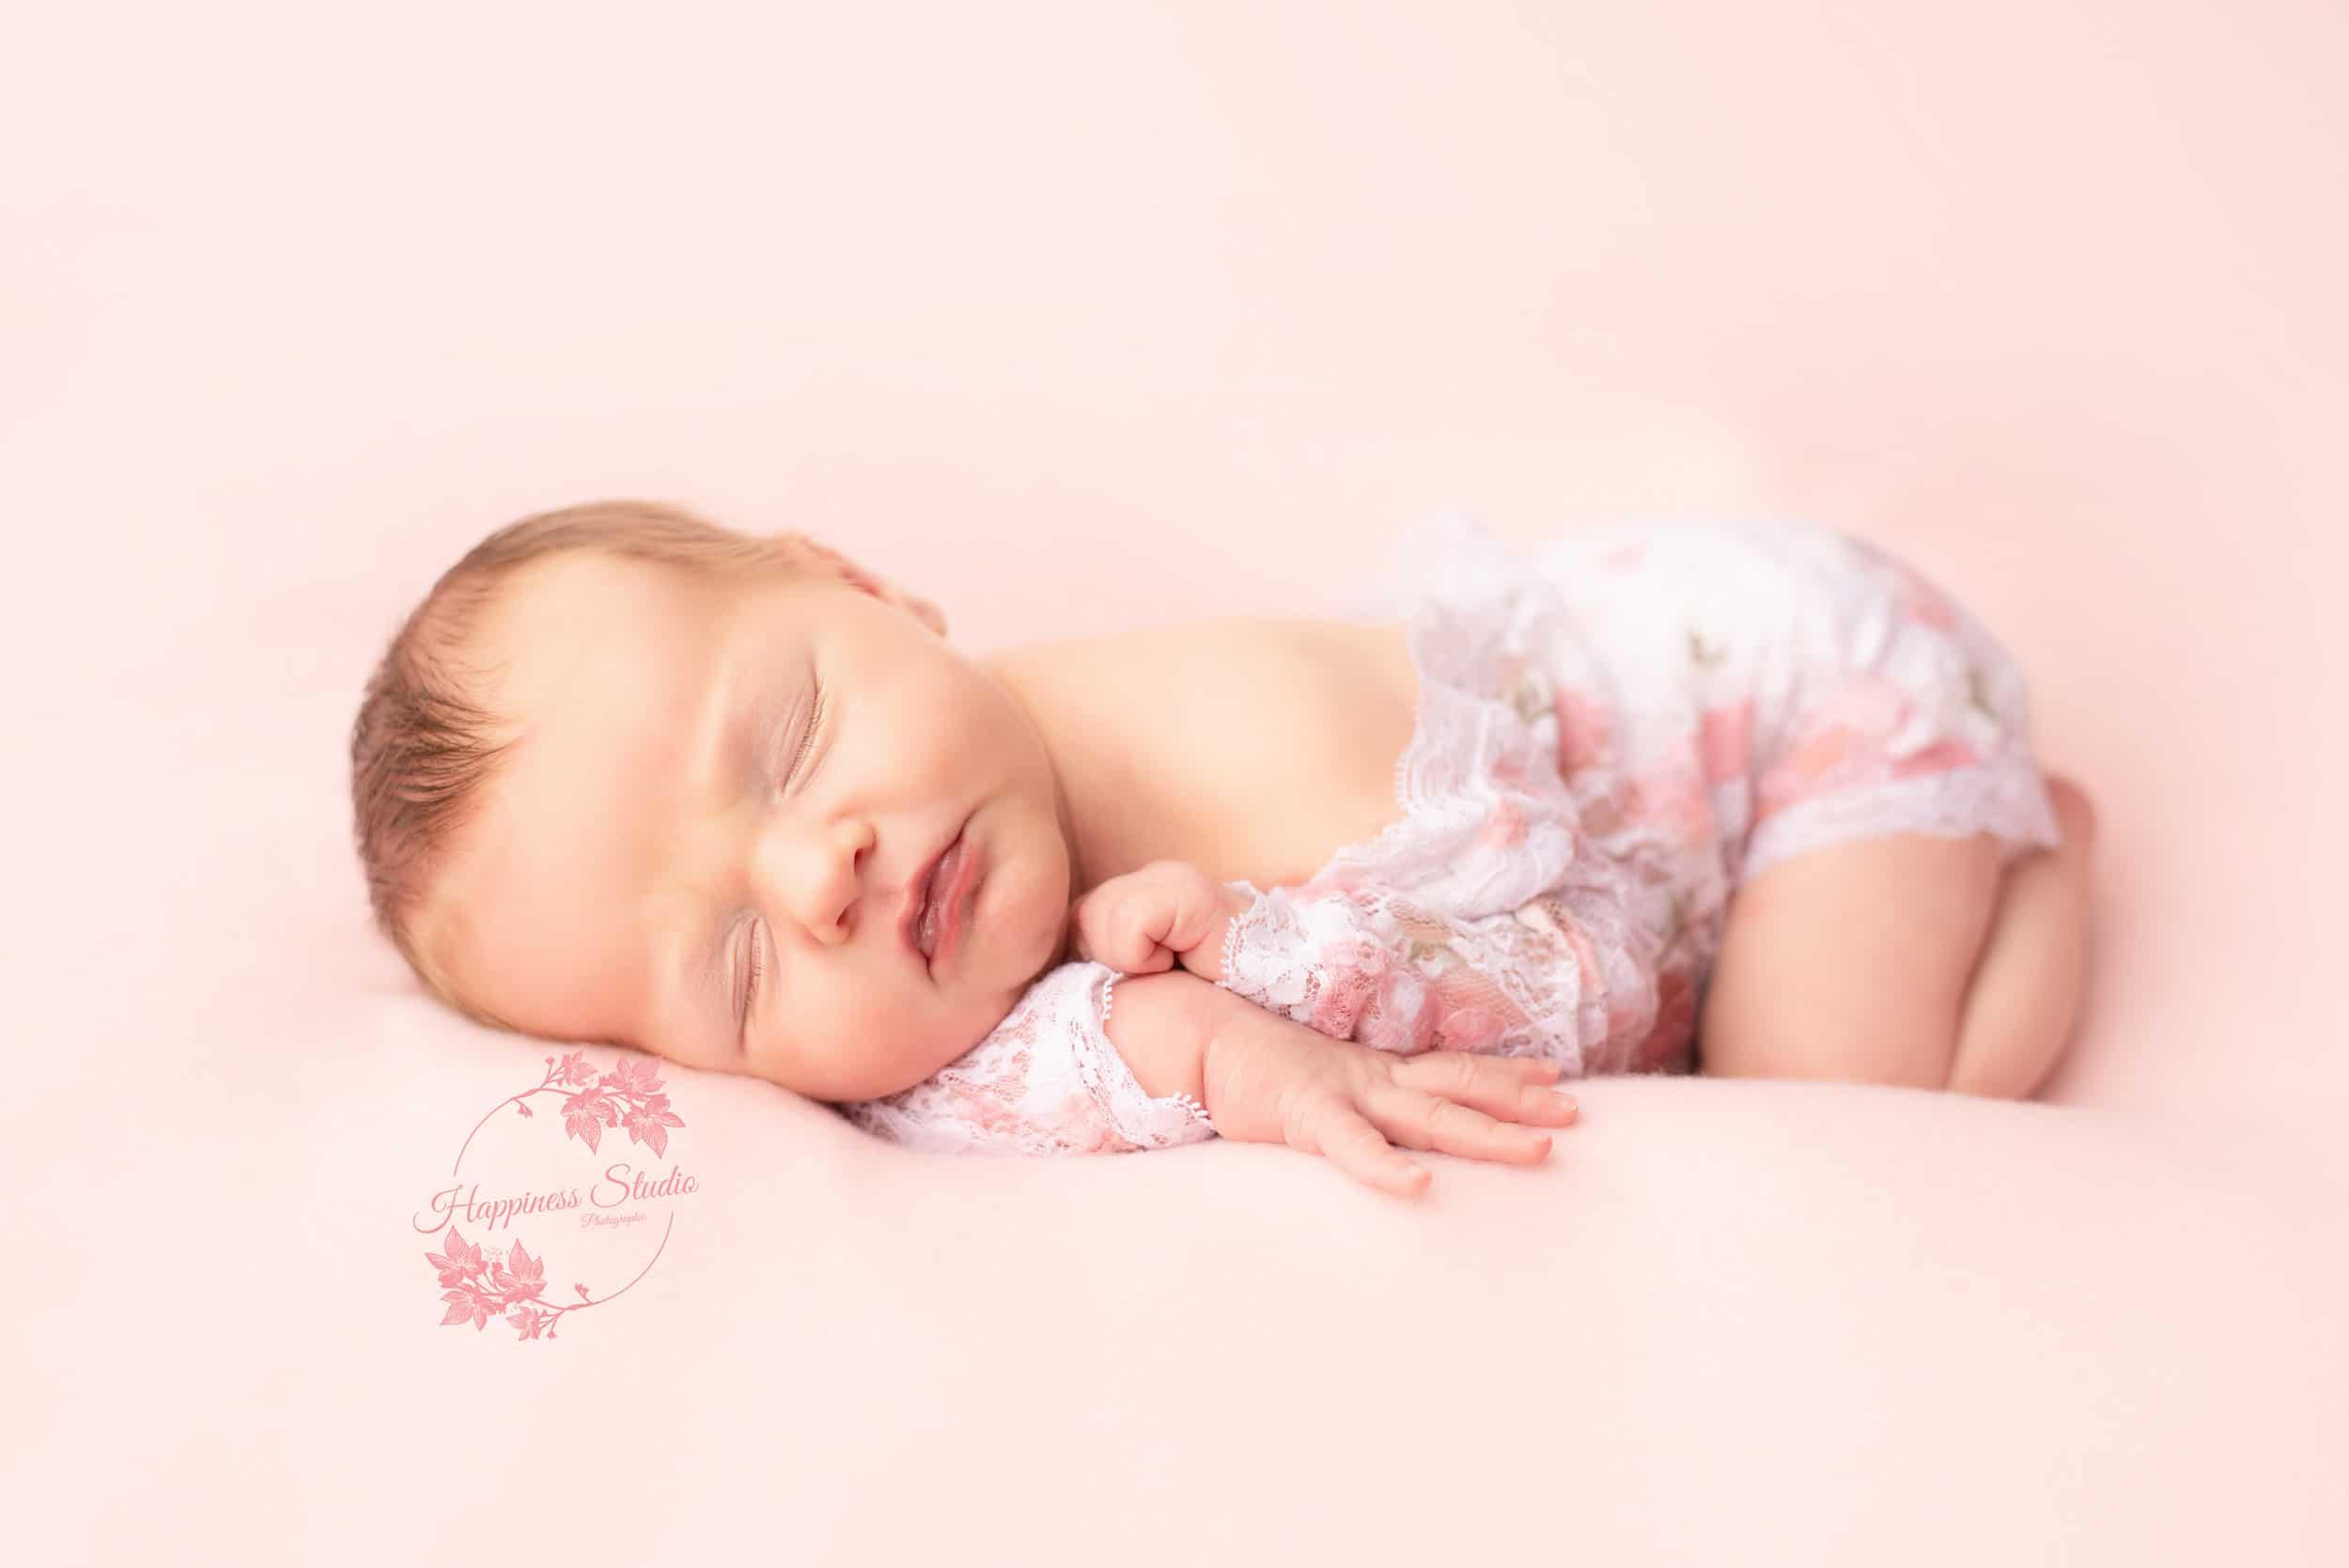 photographe de bebe lyon